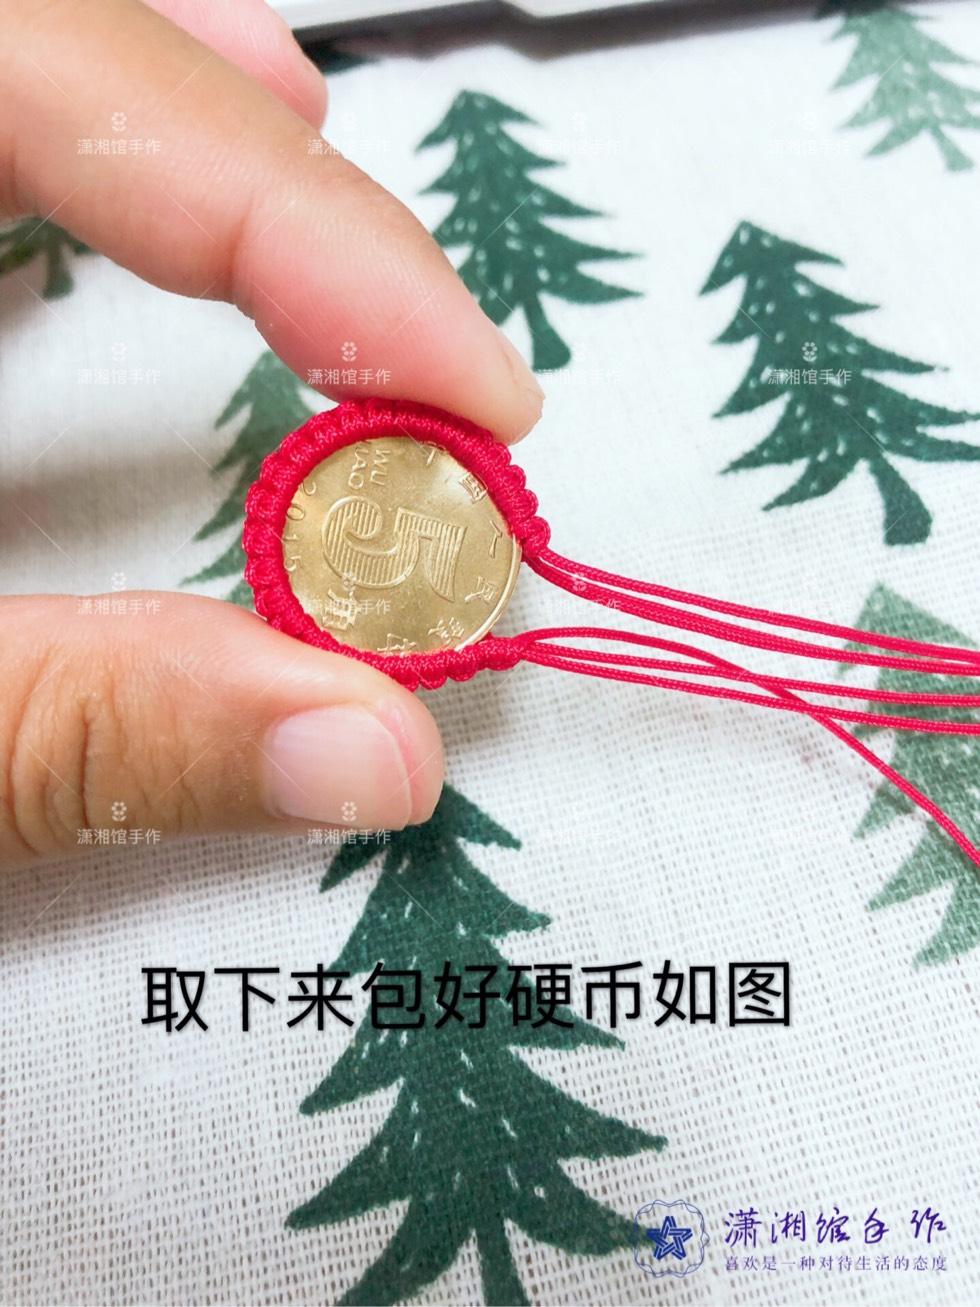 中国结论坛 硬币挂件天使翅膀钥匙扣教程  图文教程区 170037j6fwfa4ap3onf0n8